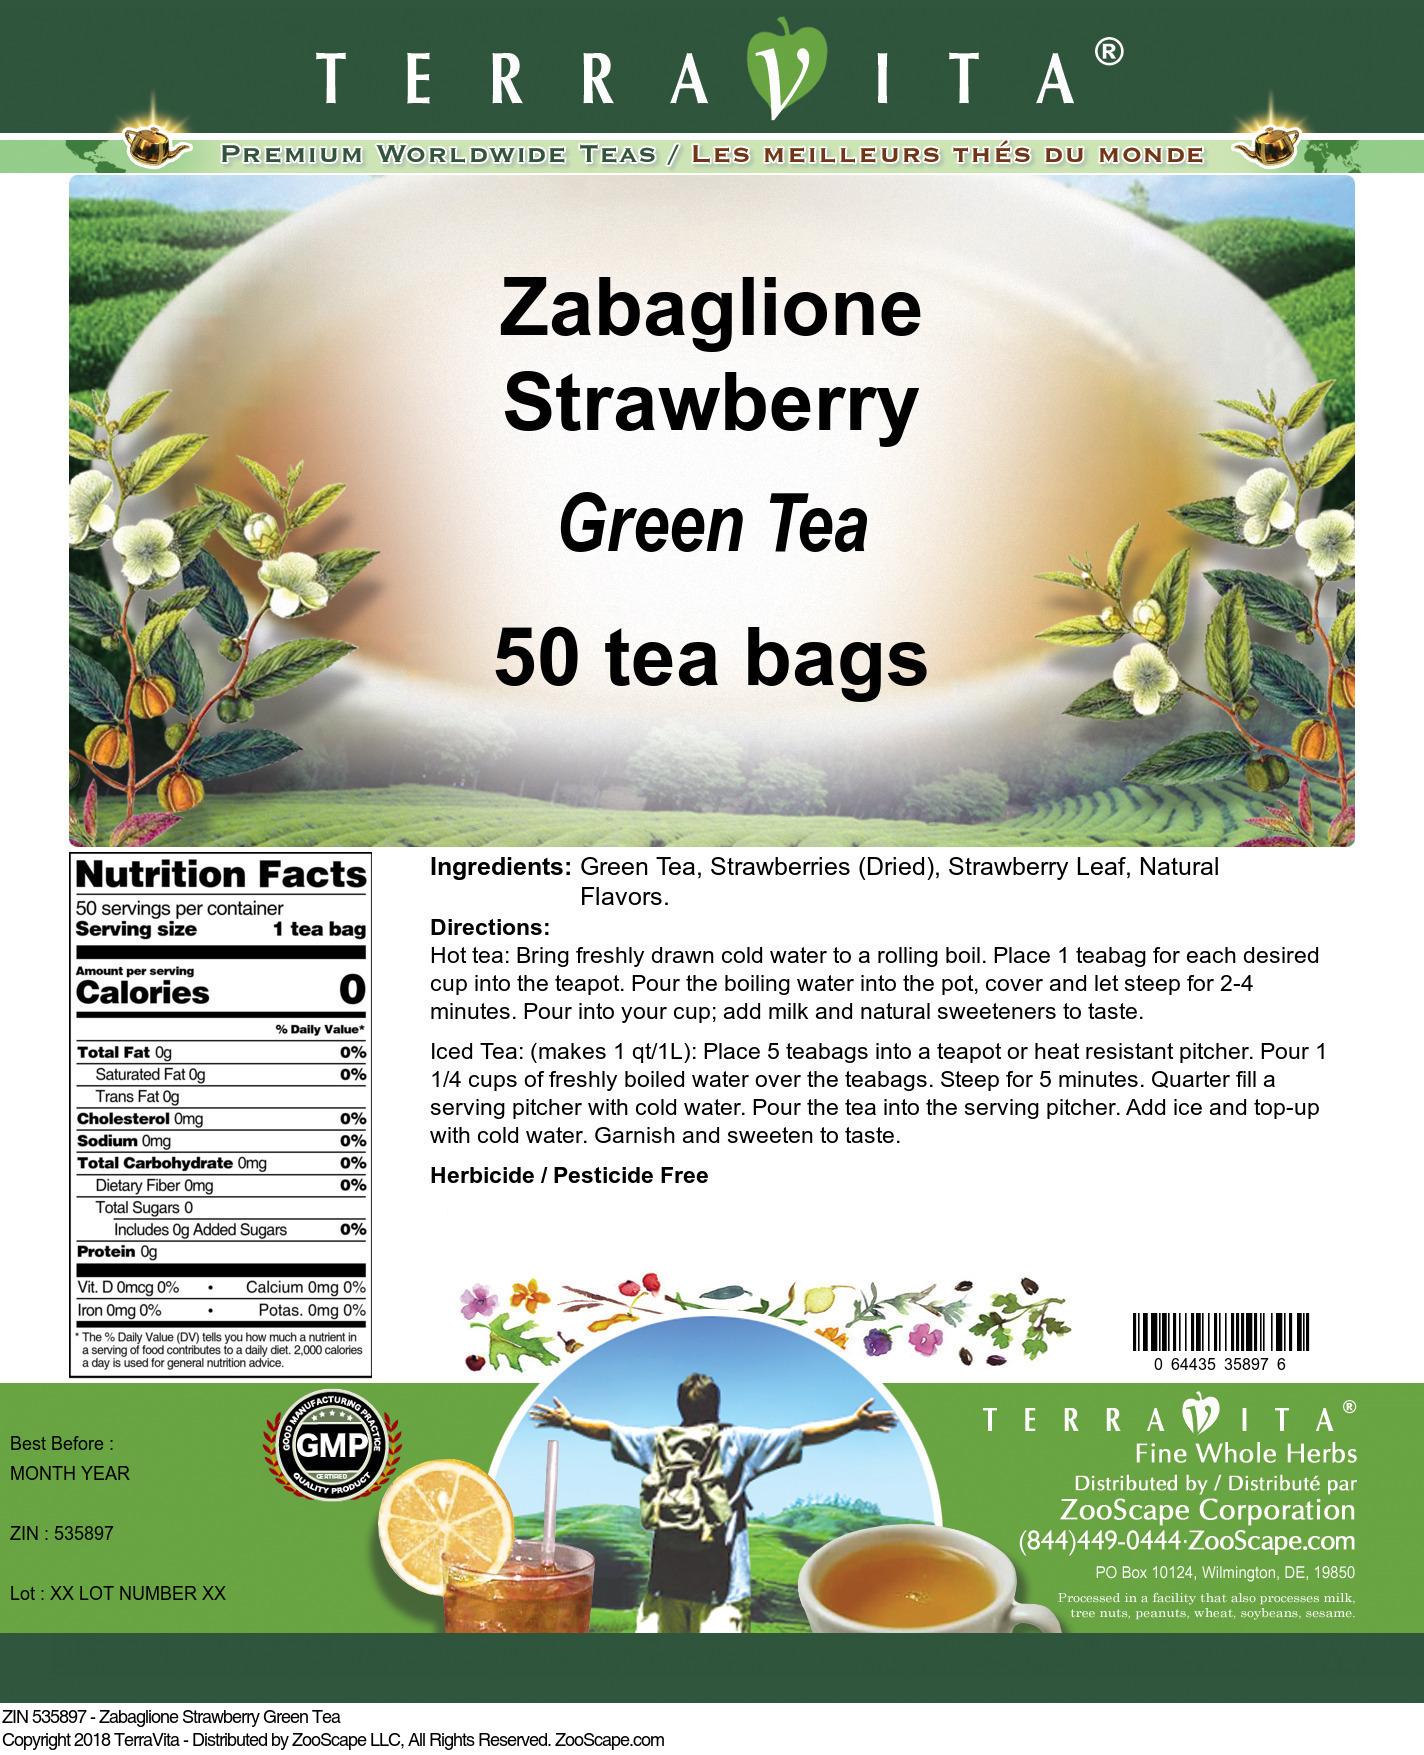 Zabaglione Strawberry Green Tea